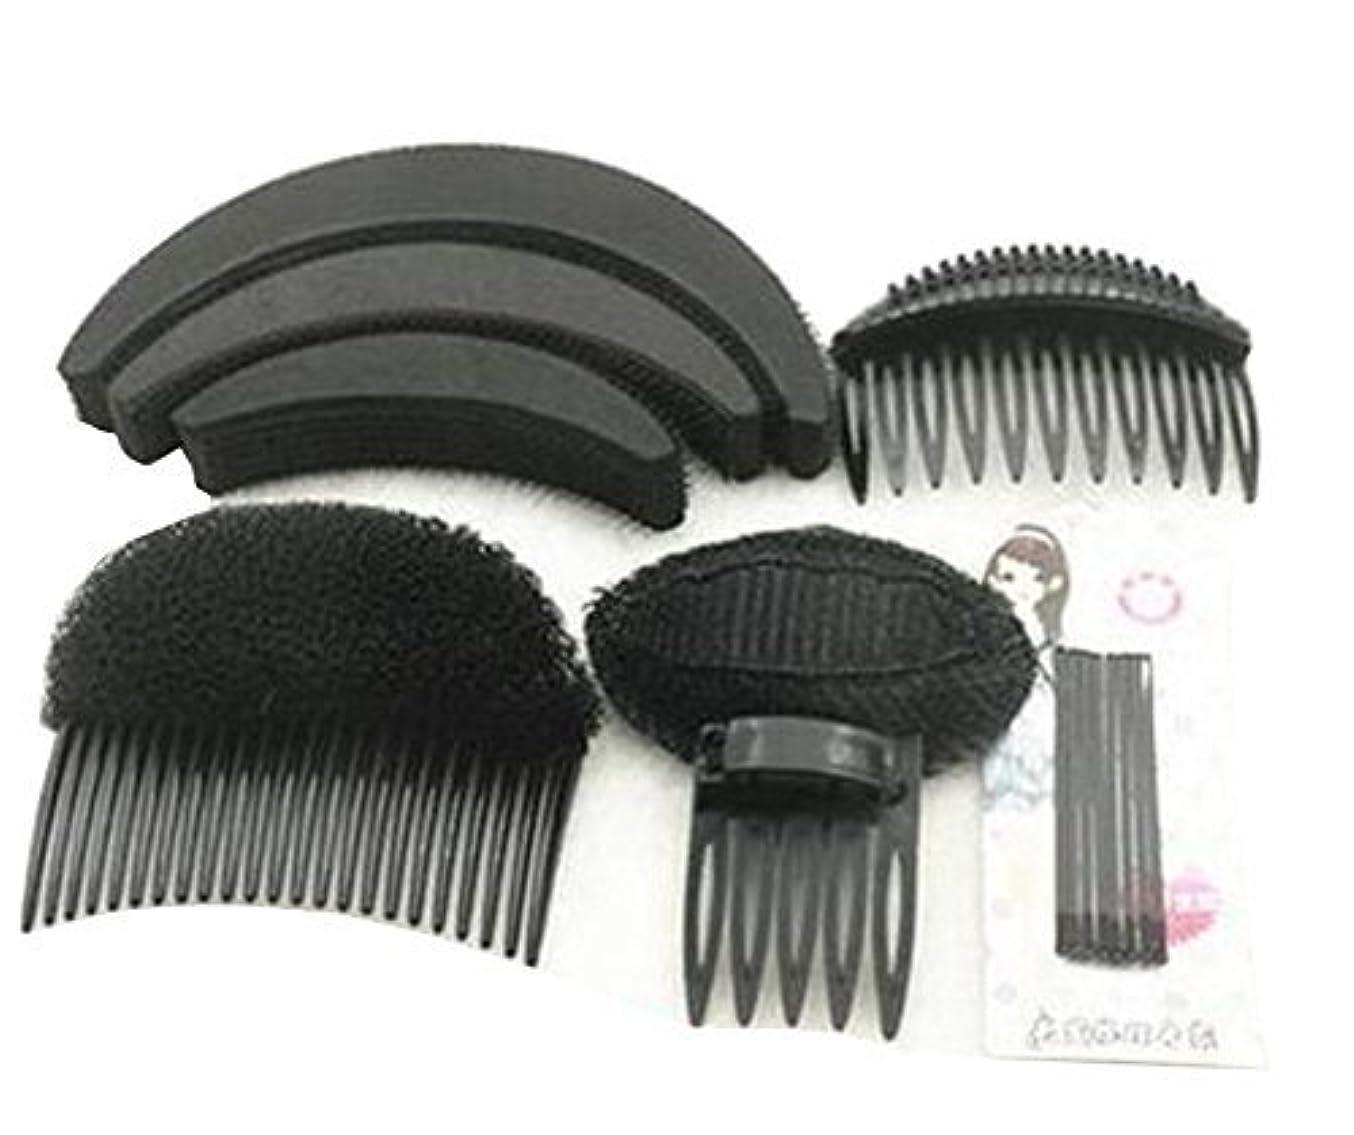 件名課す立ち寄る1 Set As picture Shown Hair Styler Styling Tool DIY Hairpin Bump Up Inserts Base Comb Bumpits Bump Foam Pads Braiding Twister Ponytail Roll Rings Maker Holder Barrette Clip Pins Accessories [並行輸入品]